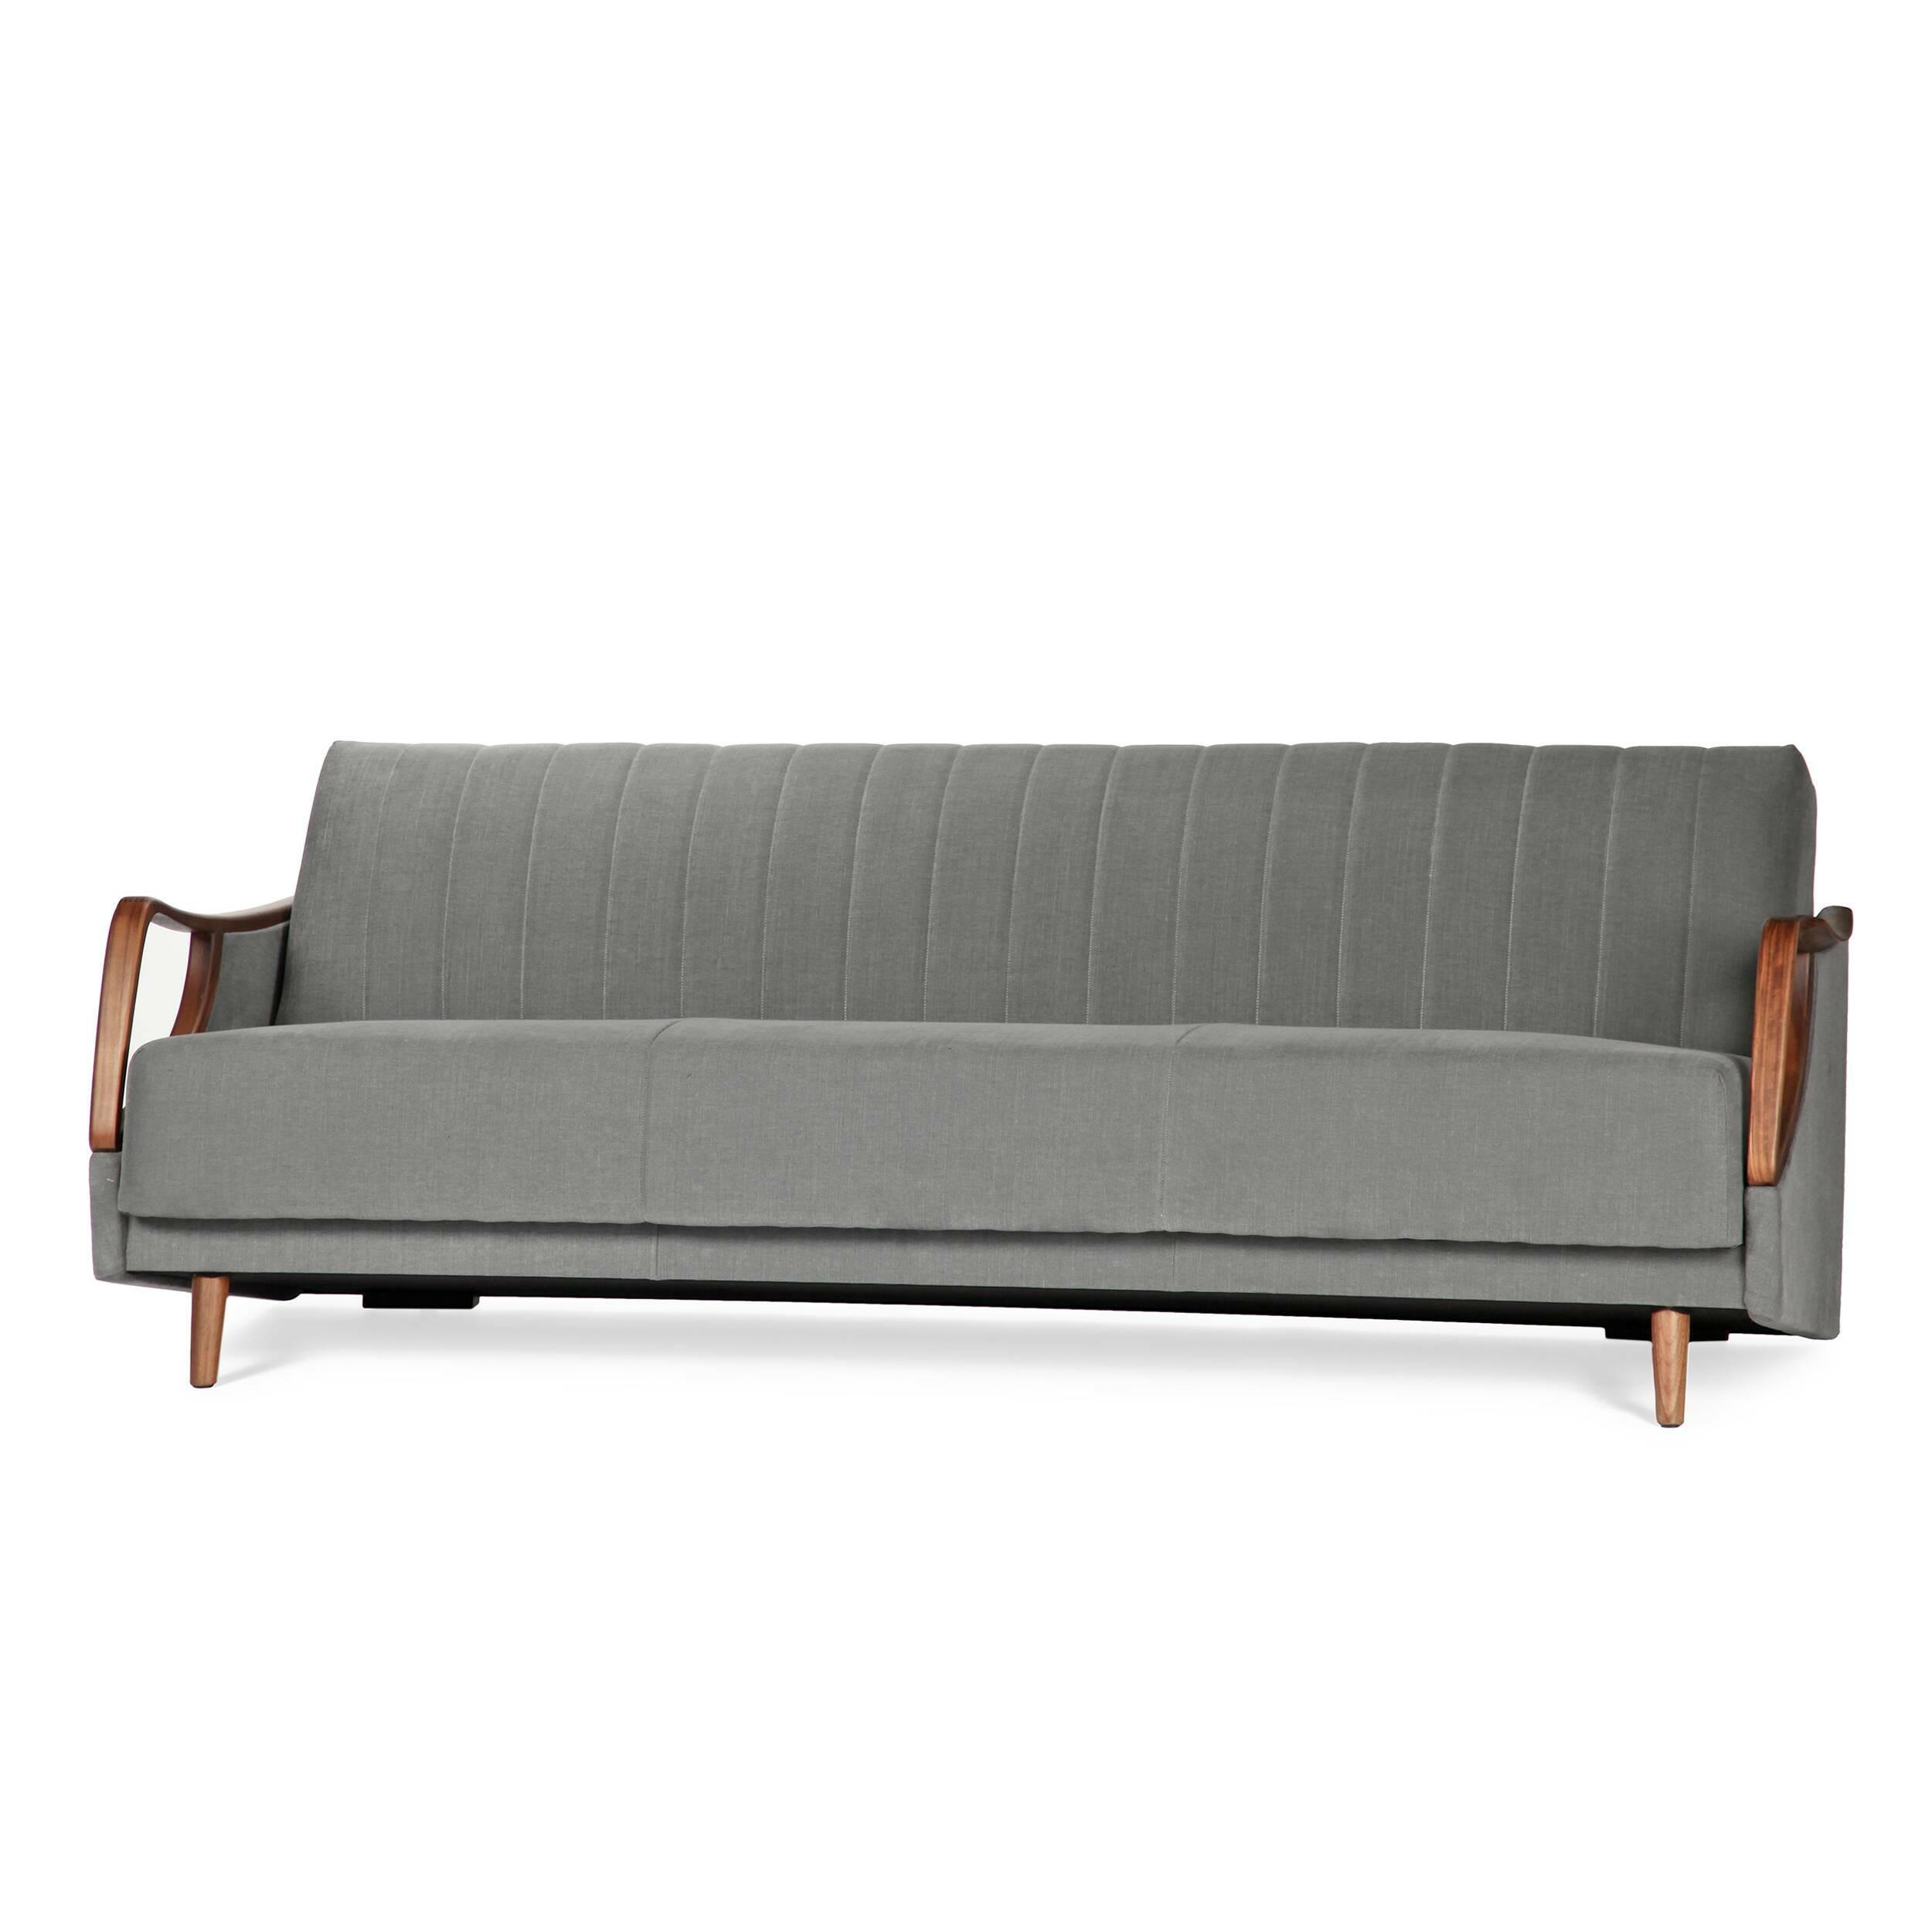 Диван EssexРаскладные<br>Дизайнерский удобный диван Essex (Иссекс) с обивкой из хлопка и льна с деревянным каркасом от Cosmo (Космо).Классический диван и ничего лишнего — все это о диване Essex от компании Cosmo. Большие залы, уютные столичные гостиные, просторные гостиничные фойе и офисы престижных компаний... Где бы ни находился  оригинальный диван Essex, везде царит атмосфера красоты и уюта.<br> <br> Строгие, но плавные формы дивана удовлетворят любого, даже очень взыскательного любителя классической мебели. Экологичн...<br><br>stock: 1<br>Высота: 74,2<br>Глубина: 88<br>Длина: 211,7<br>Материал каркаса: Массив ореха<br>Материал обивки: Хлопок, Лен<br>Тип материала каркаса: Дерево<br>Коллекция ткани: Ray Fabric<br>Тип материала обивки: Ткань<br>Цвет обивки: Серый<br>Цвет каркаса: Орех